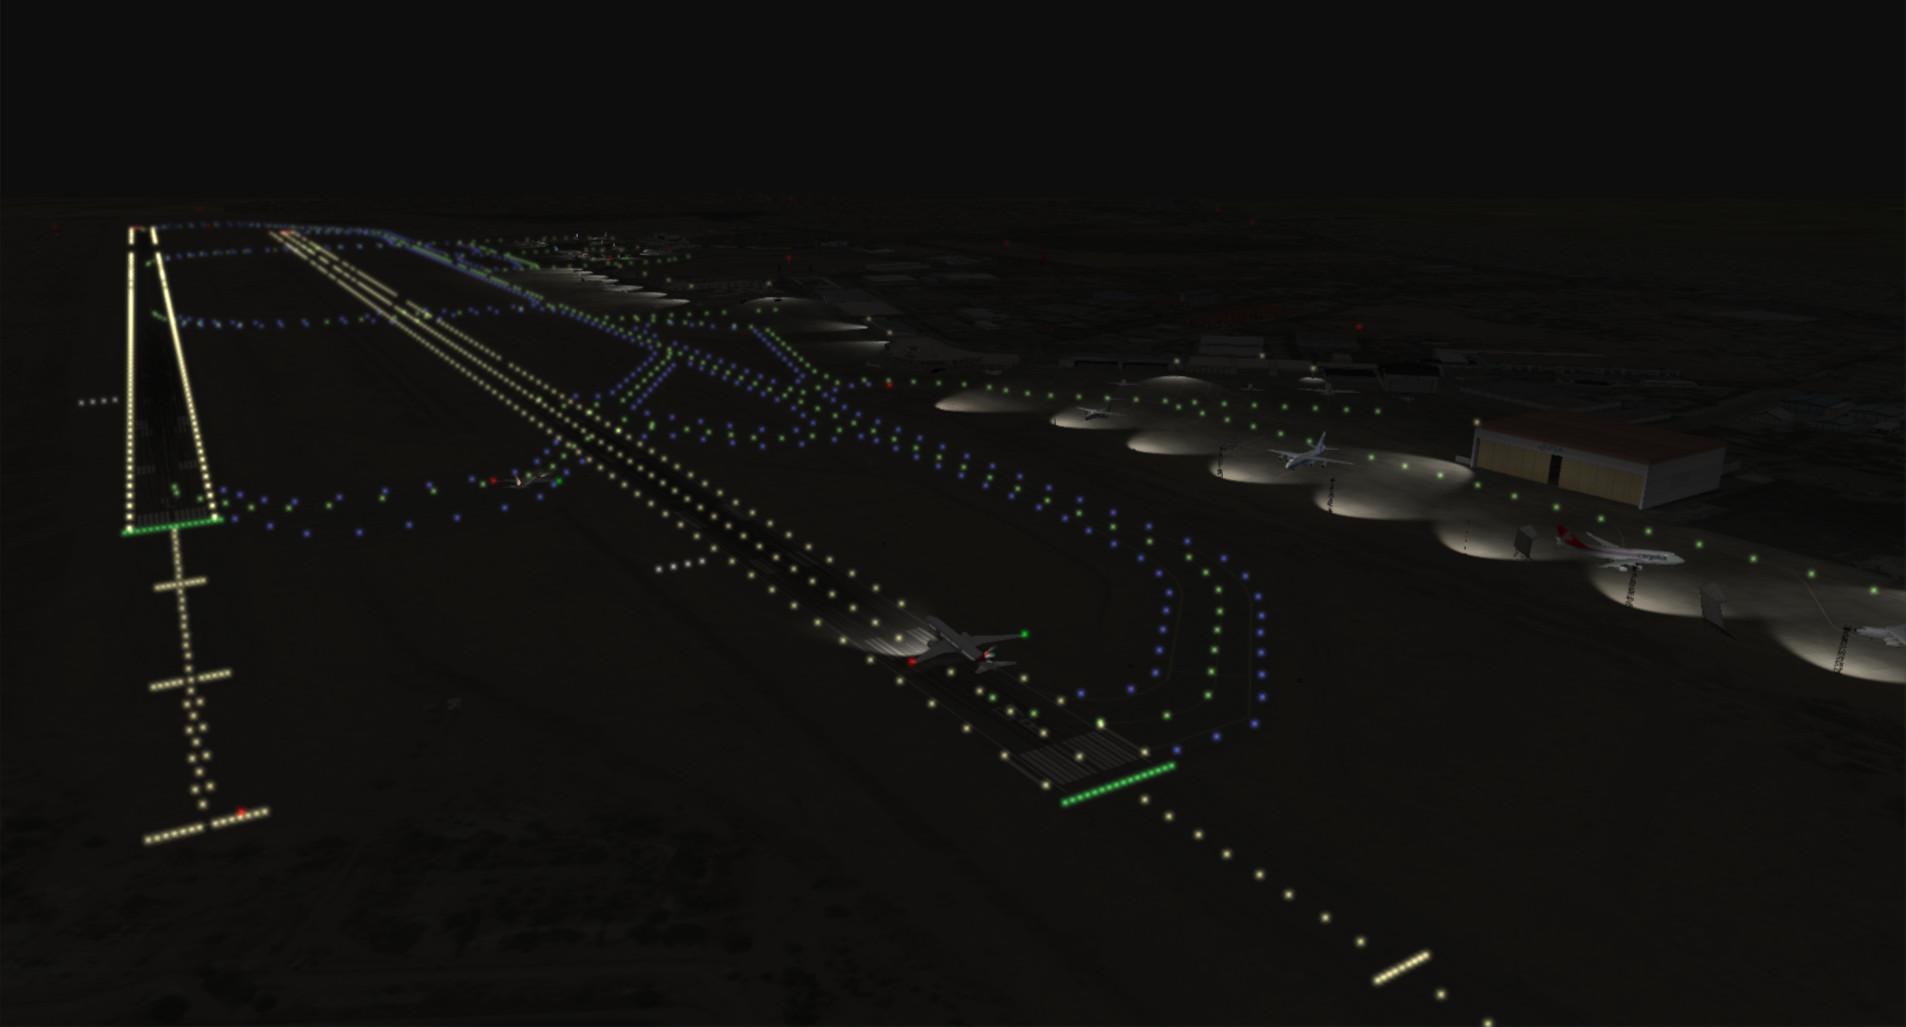 runway at night